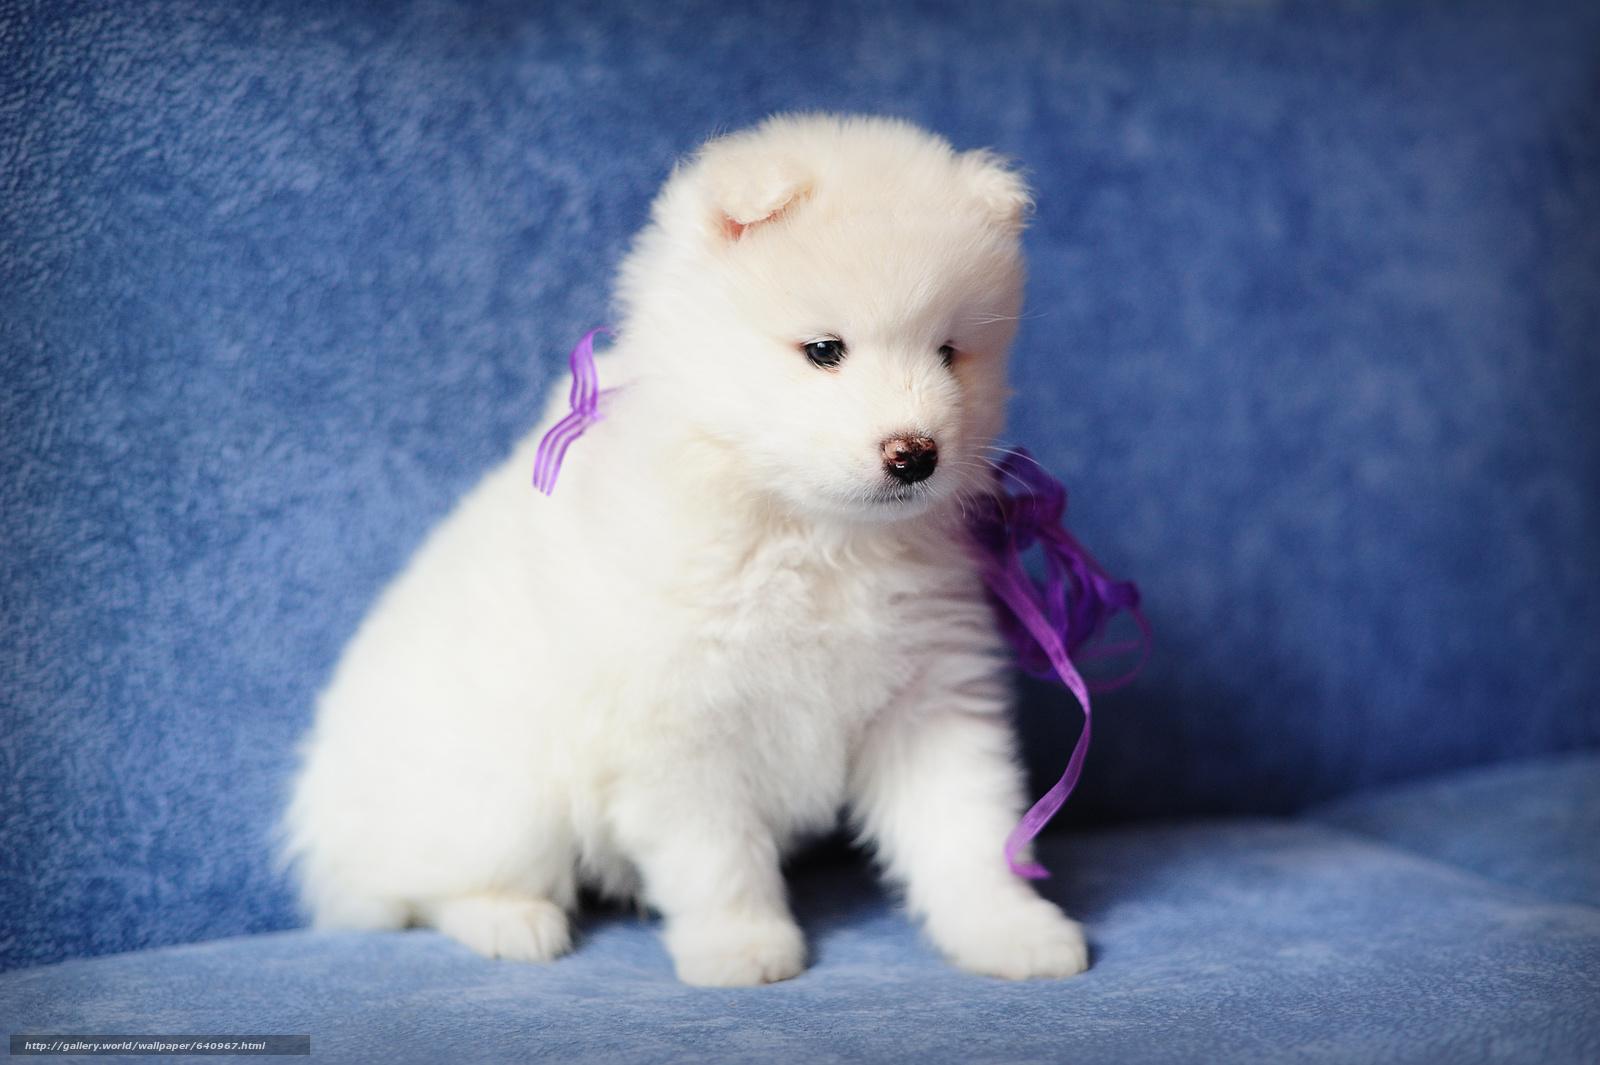 Скачать обои самоед,  щенок,  собака бесплатно для рабочего стола в разрешении 4256x2832 — картинка №640967